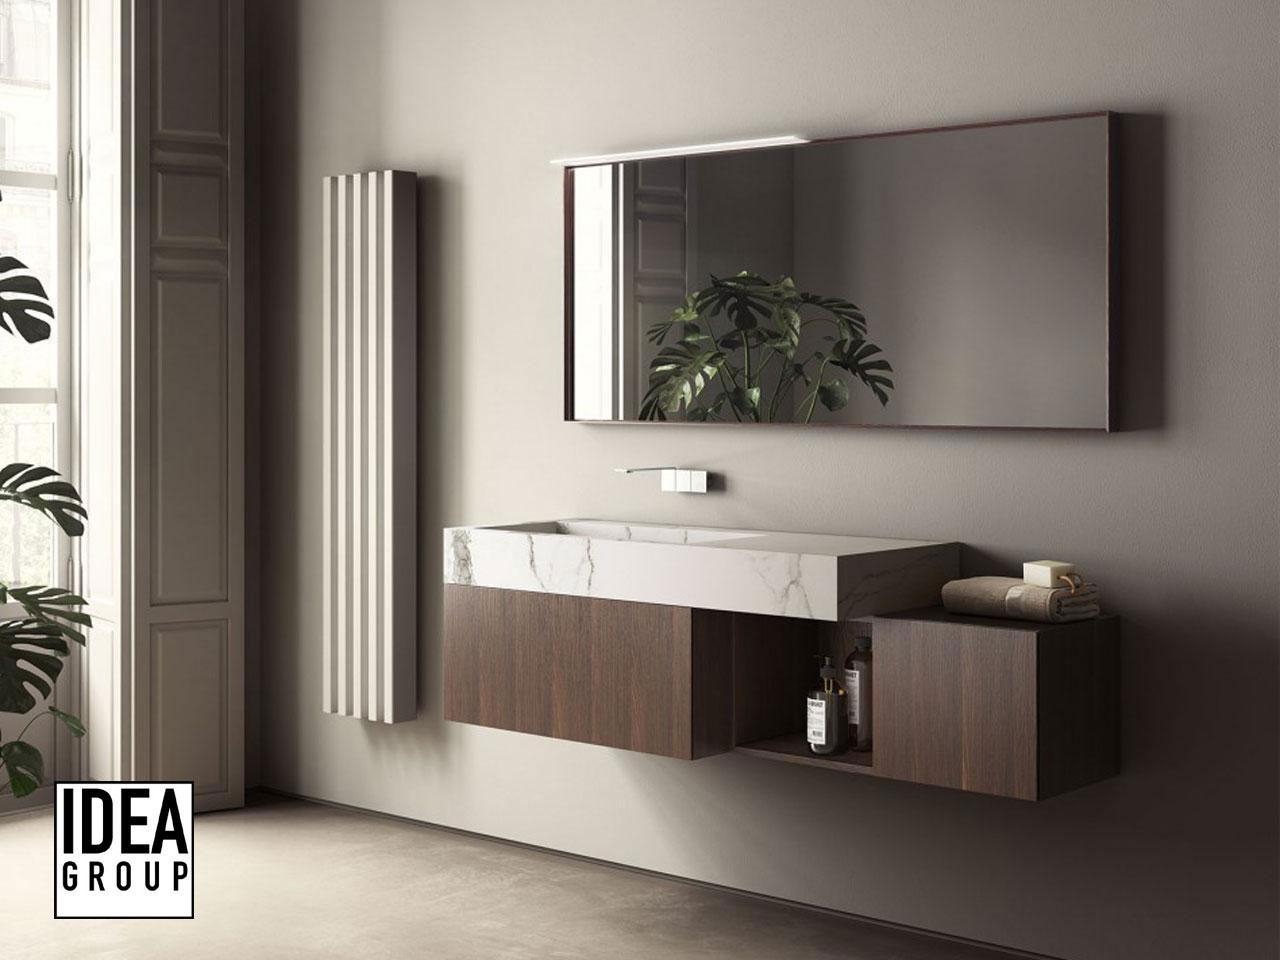 Bagni moderni il vero protagonista il mobile da bagno - Mobili bagno contemporanei ...